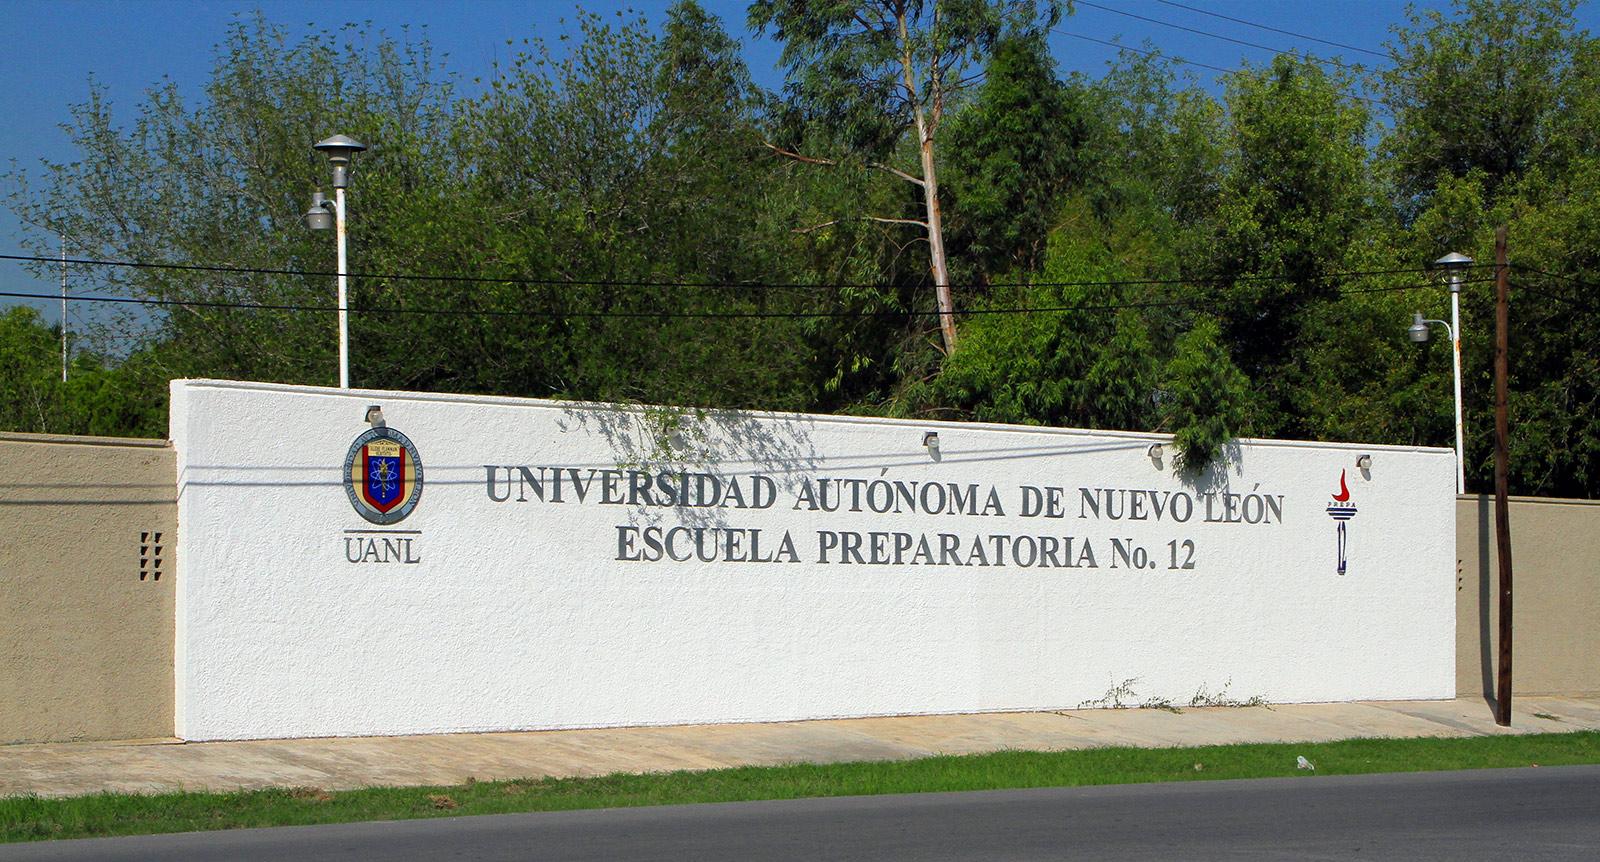 Escuela Preparatoria No. 12 Cadereyta